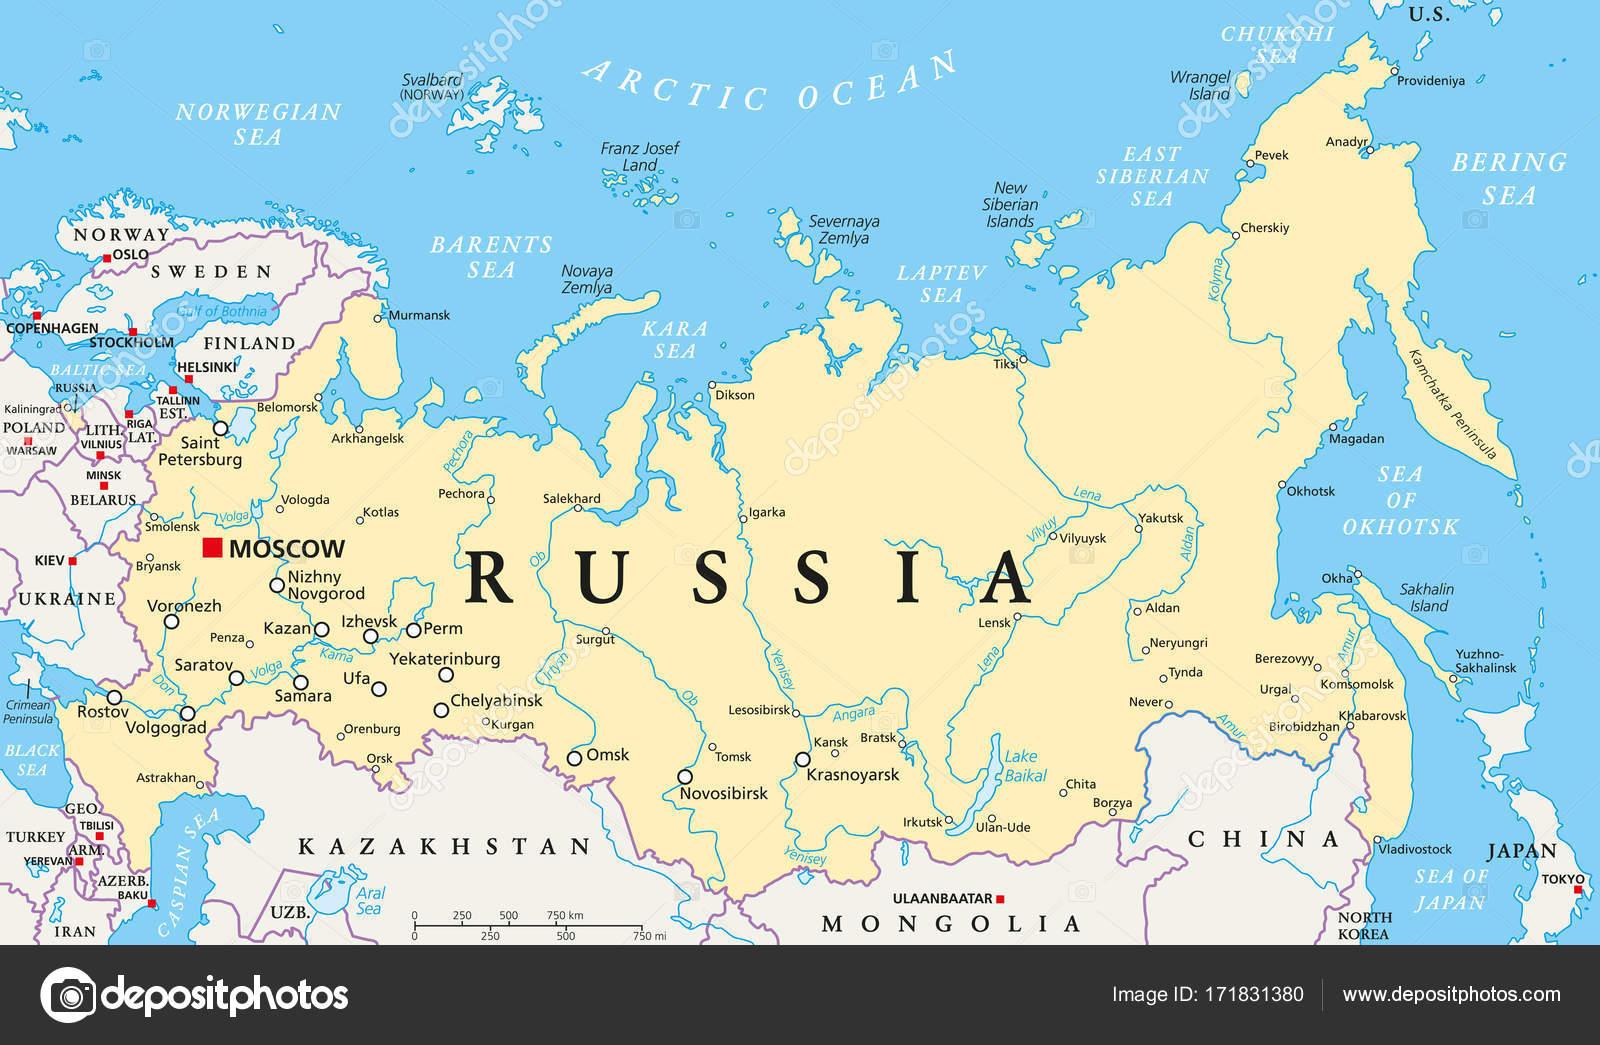 Cartina Russia Con Confini.Rivers Map Of Russia Russia Political Map Stock Vector C Furian 171831380